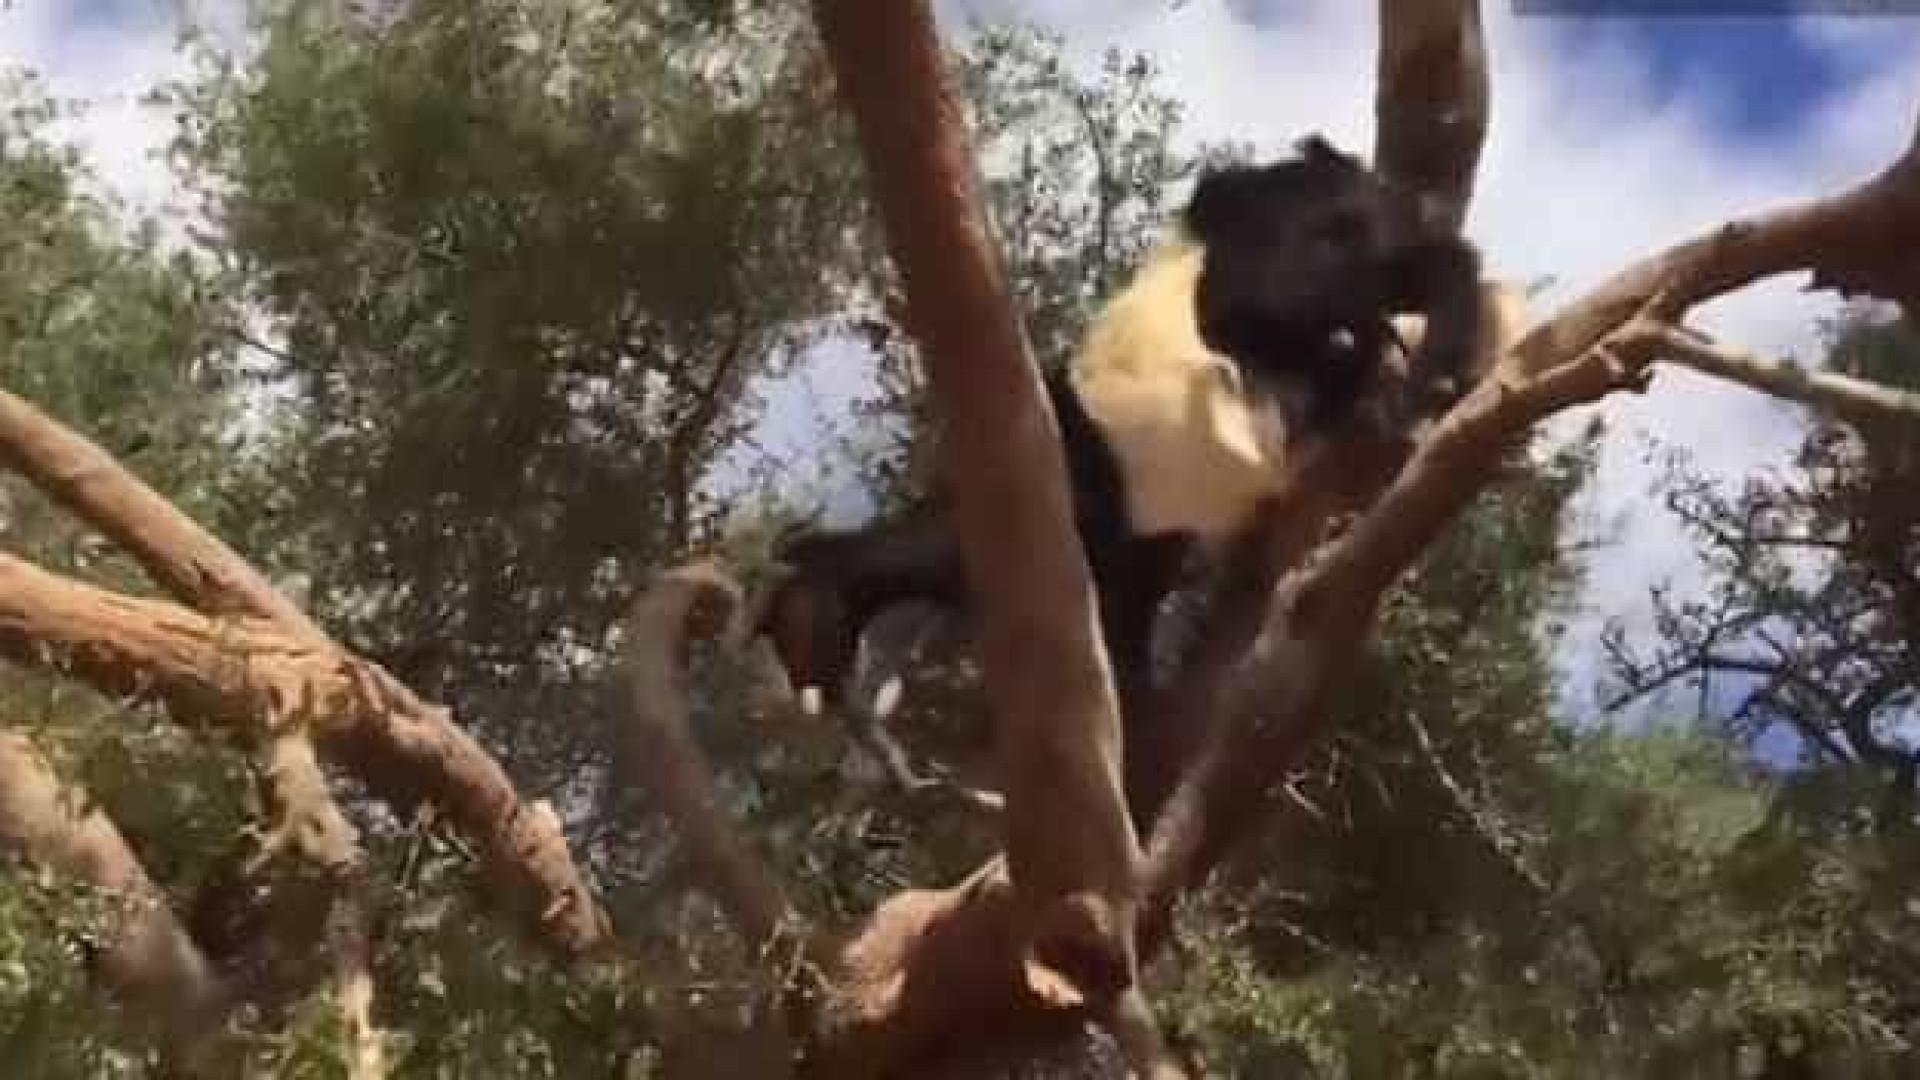 Árvores 'carregadas' de cabras chamam atenção em vídeo